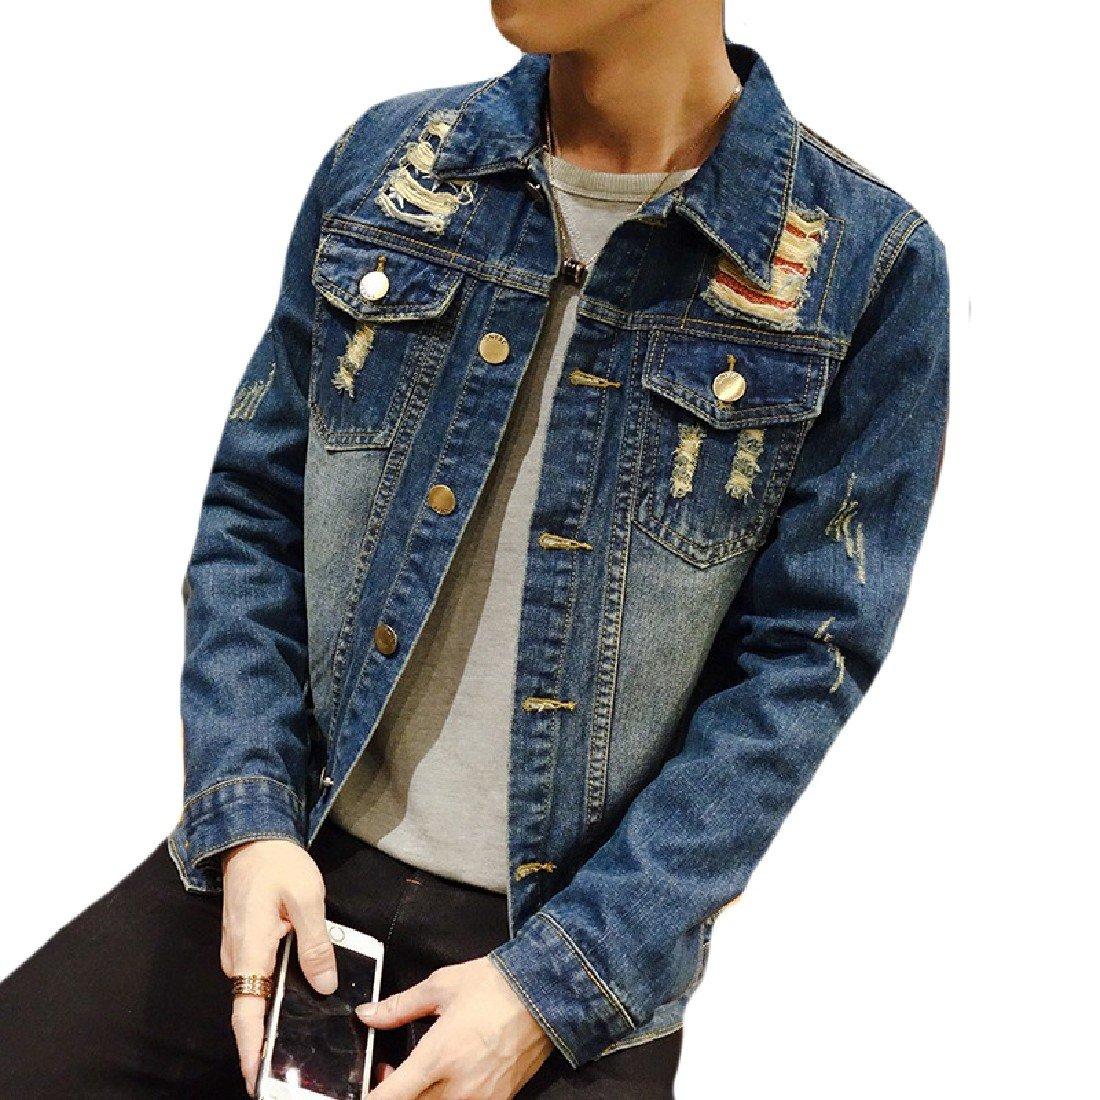 SportsX Men Juniors' Vintage Jean Punk Rock Coats 1 M